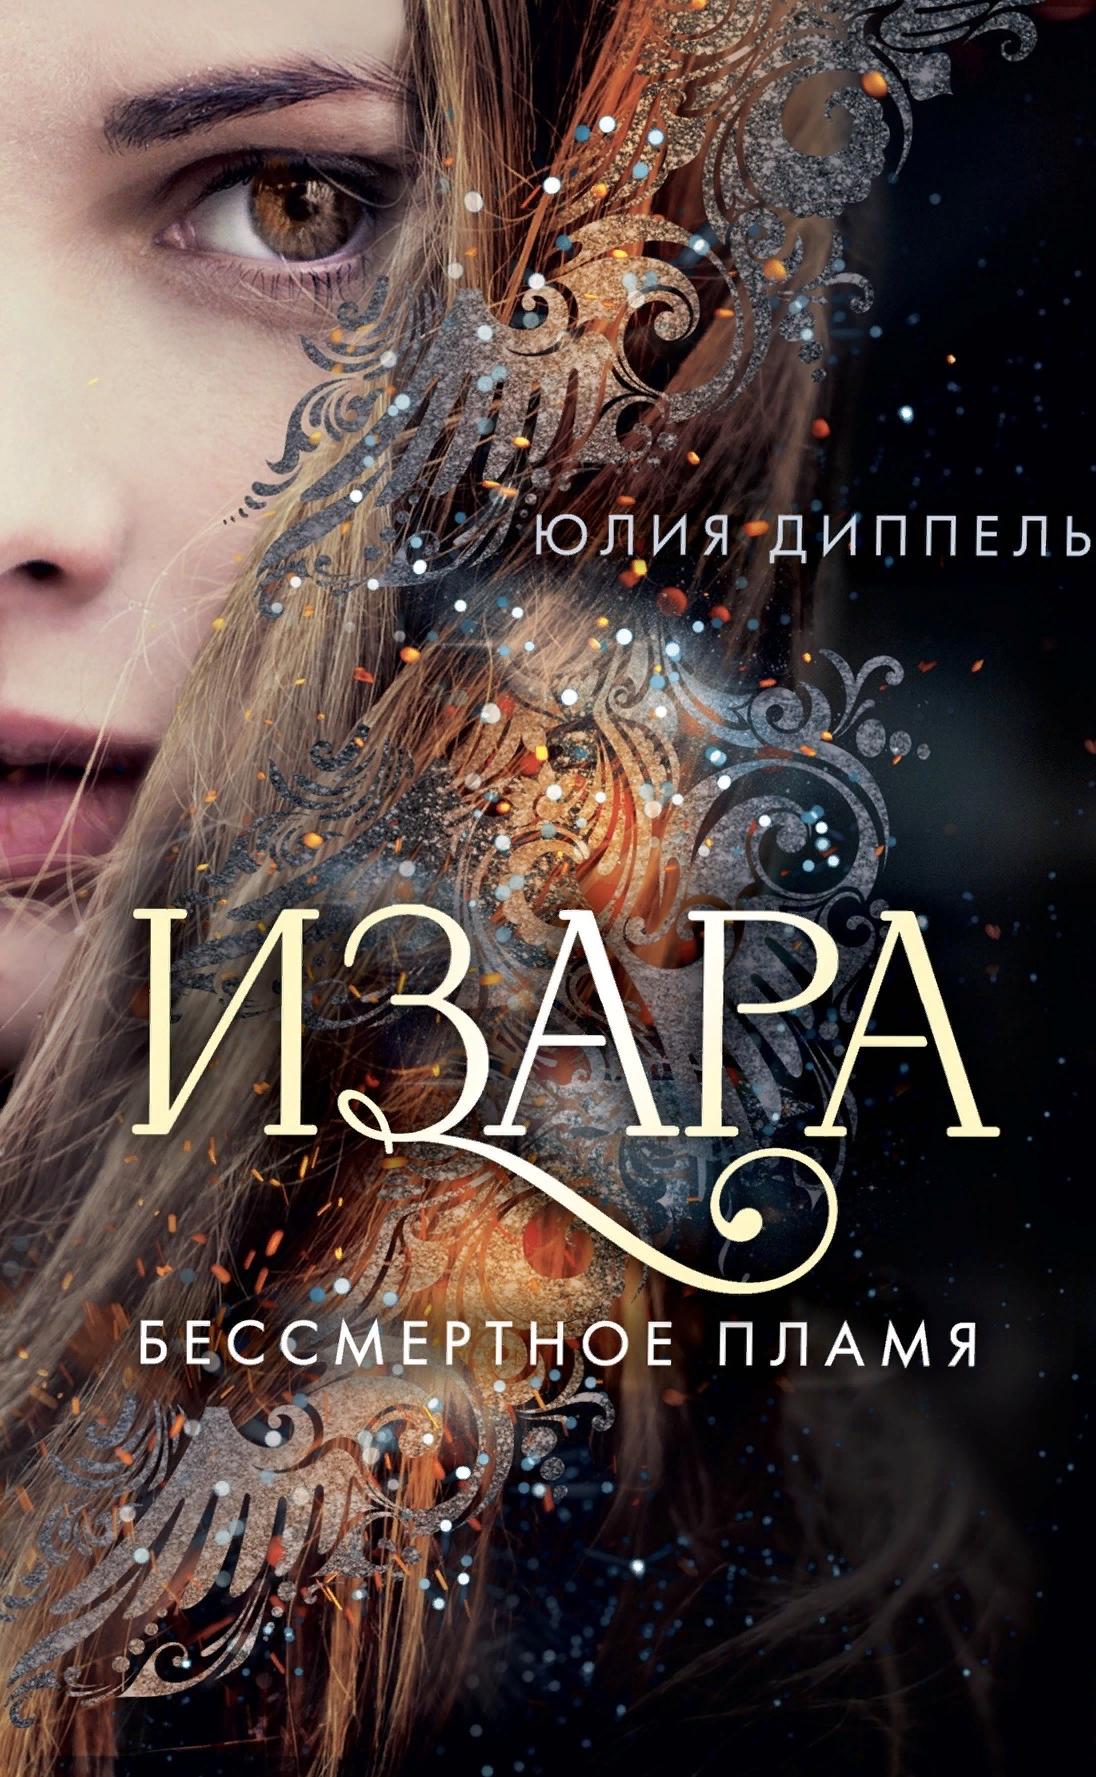 Юлия Диппель «Бессмертное пламя»